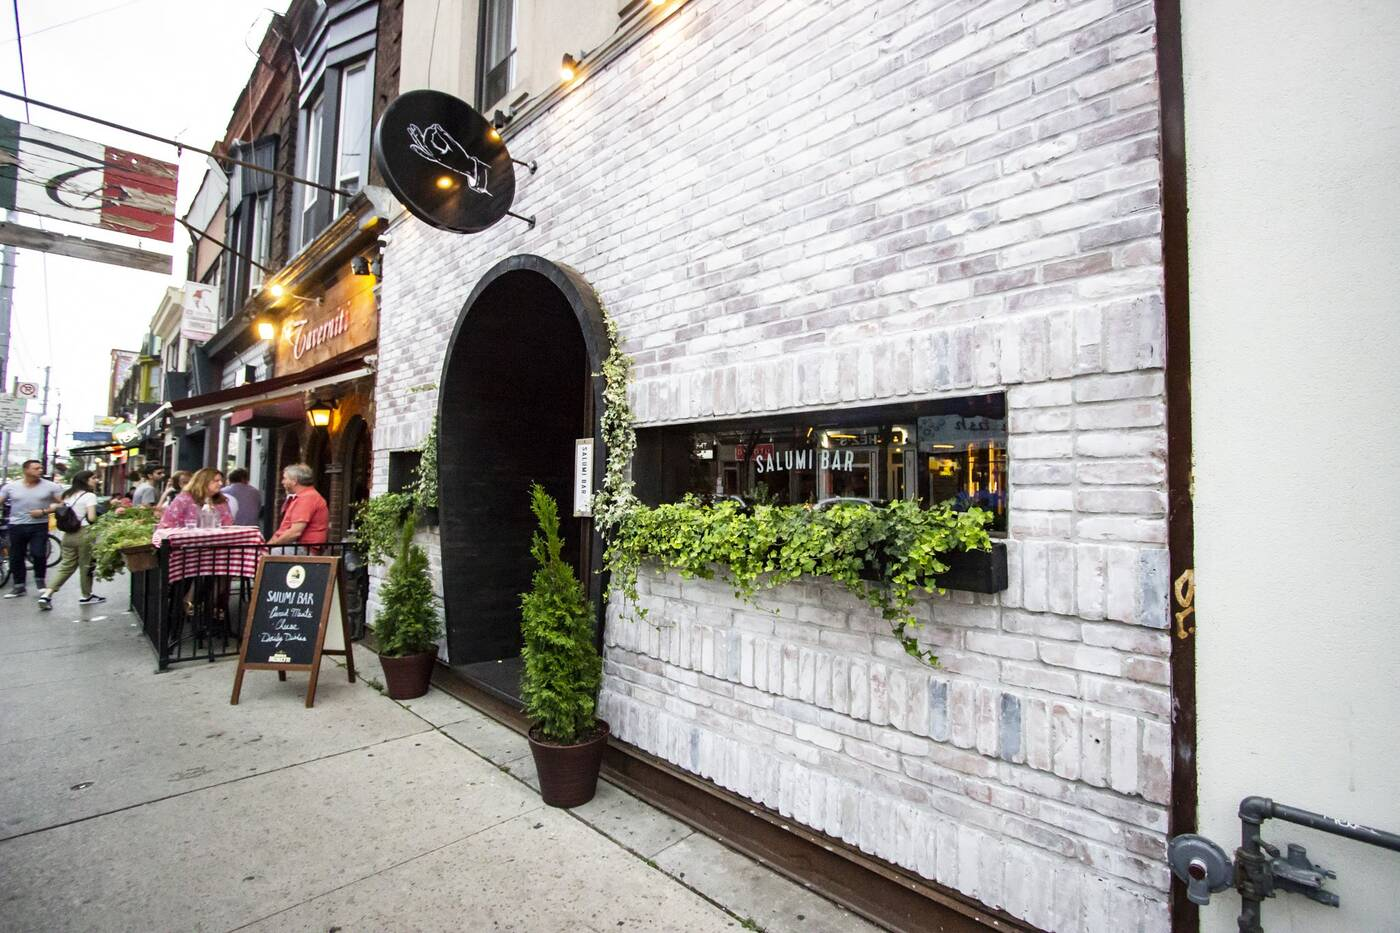 Salumi Bar Toronto